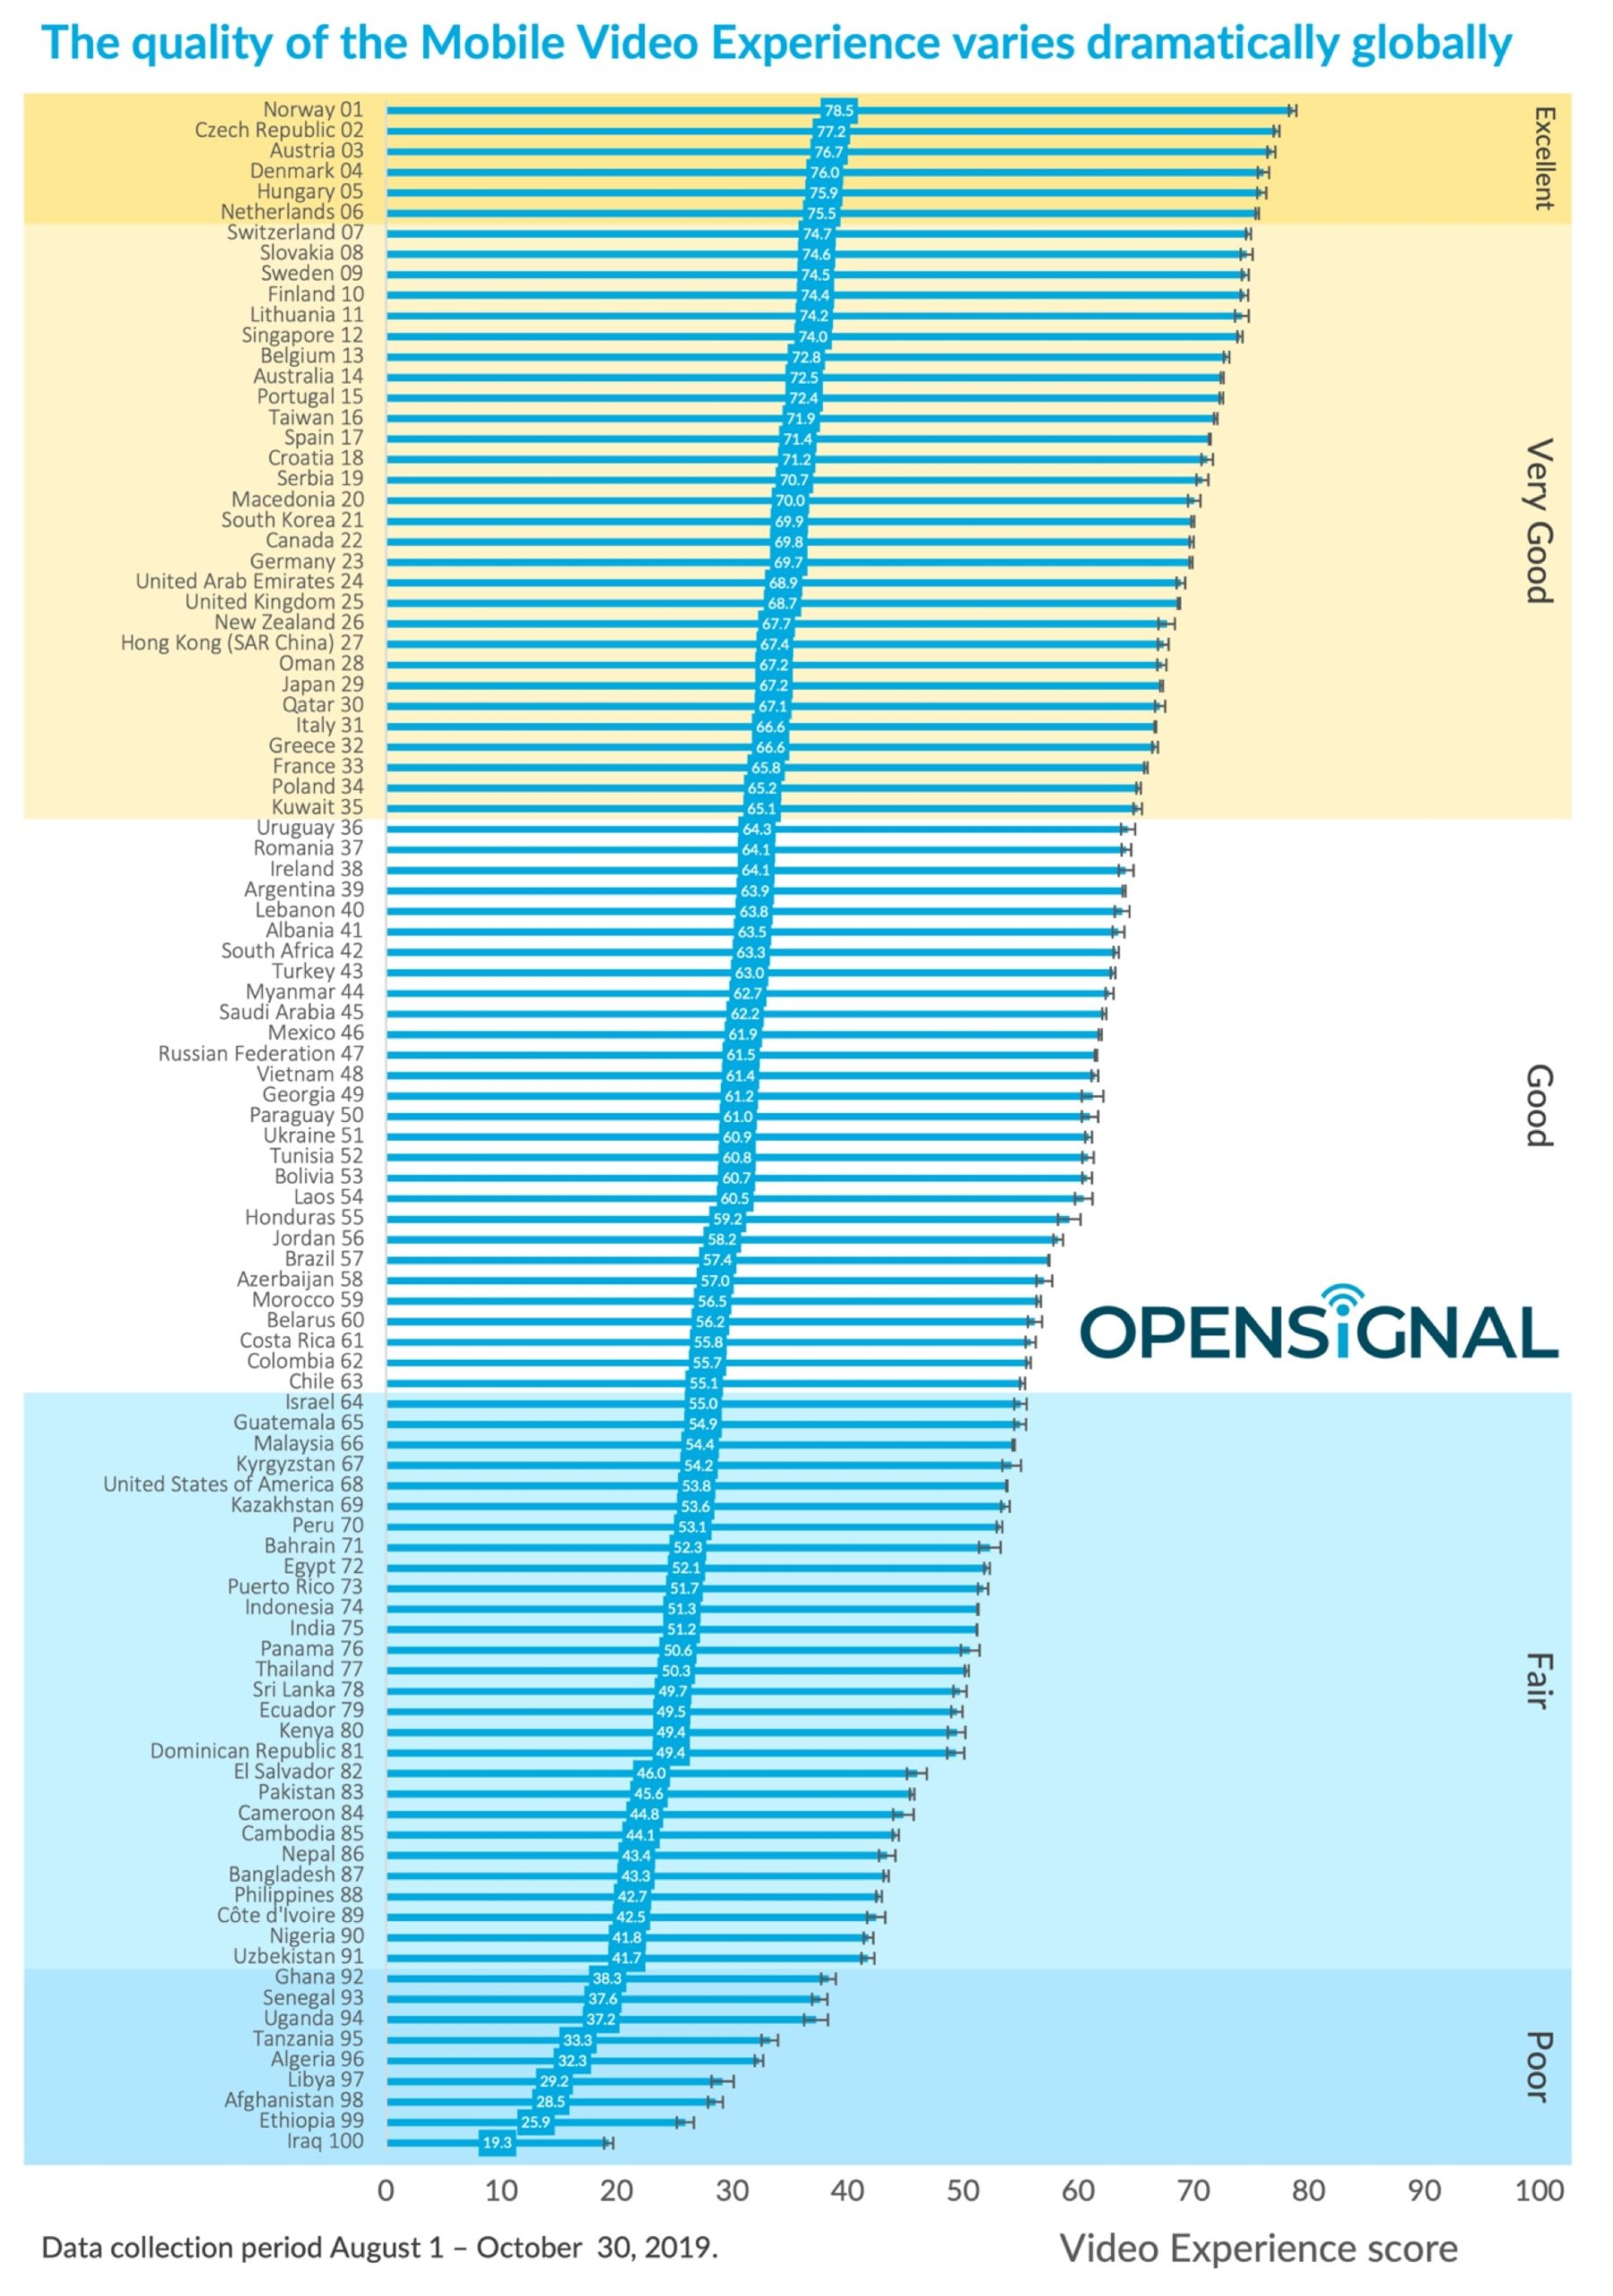 Pesquisa da Opensignal - Vídeo em 4G